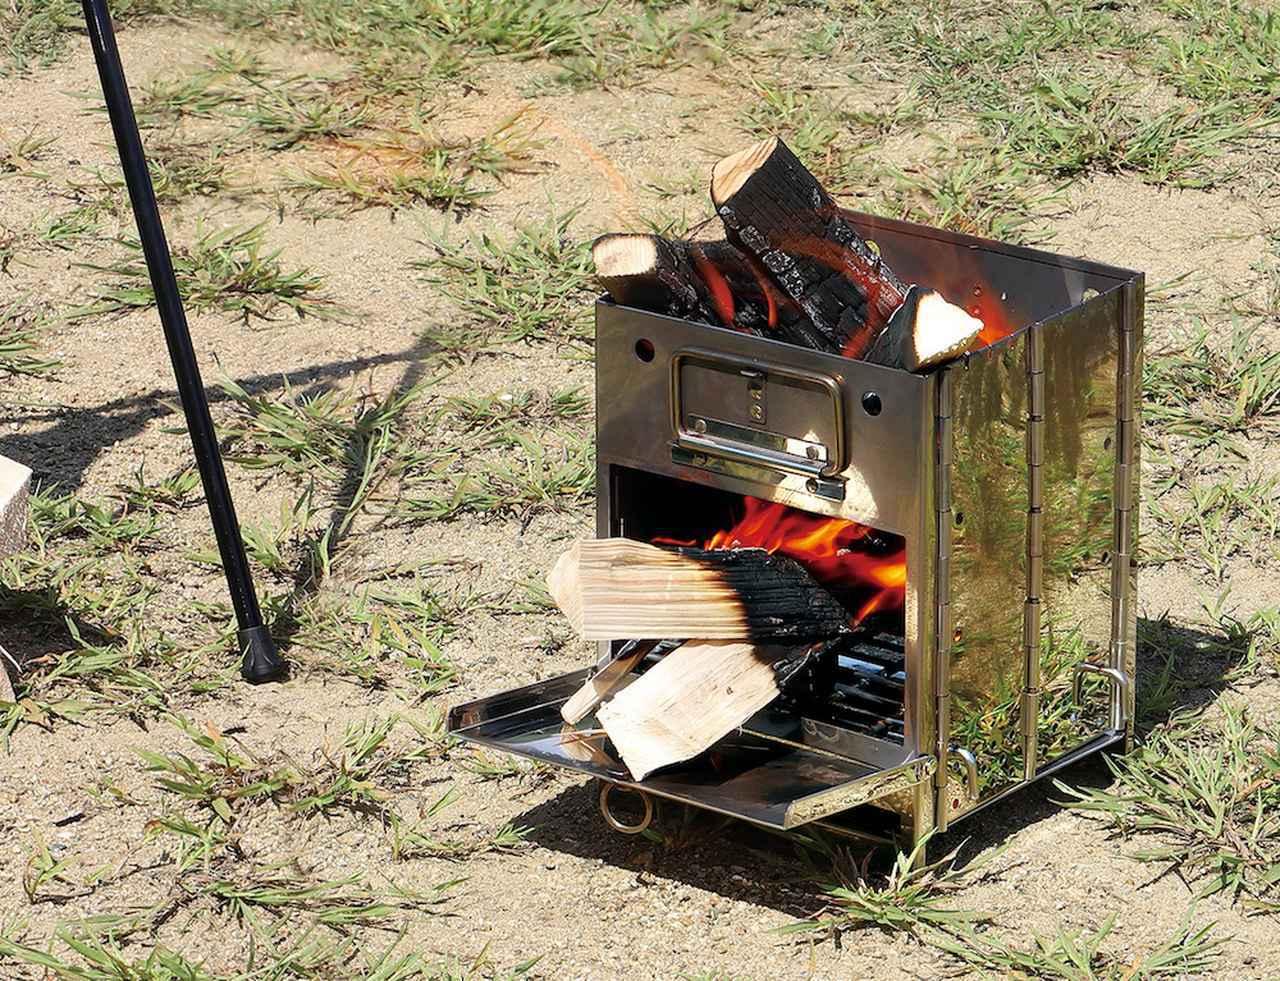 画像: 【注目リリース】焚き火も調理も楽しめるOUTDOOR MAN(アウトドアマン)の多技能ギア「FLAME BOX」が12月15日(火)より発売開始! - ハピキャン(HAPPY CAMPER)